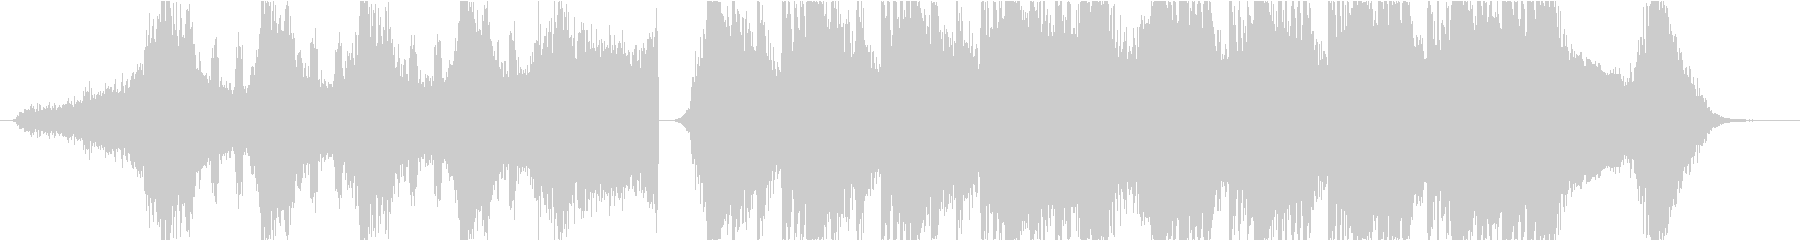 Horror Musicの未再生の波形